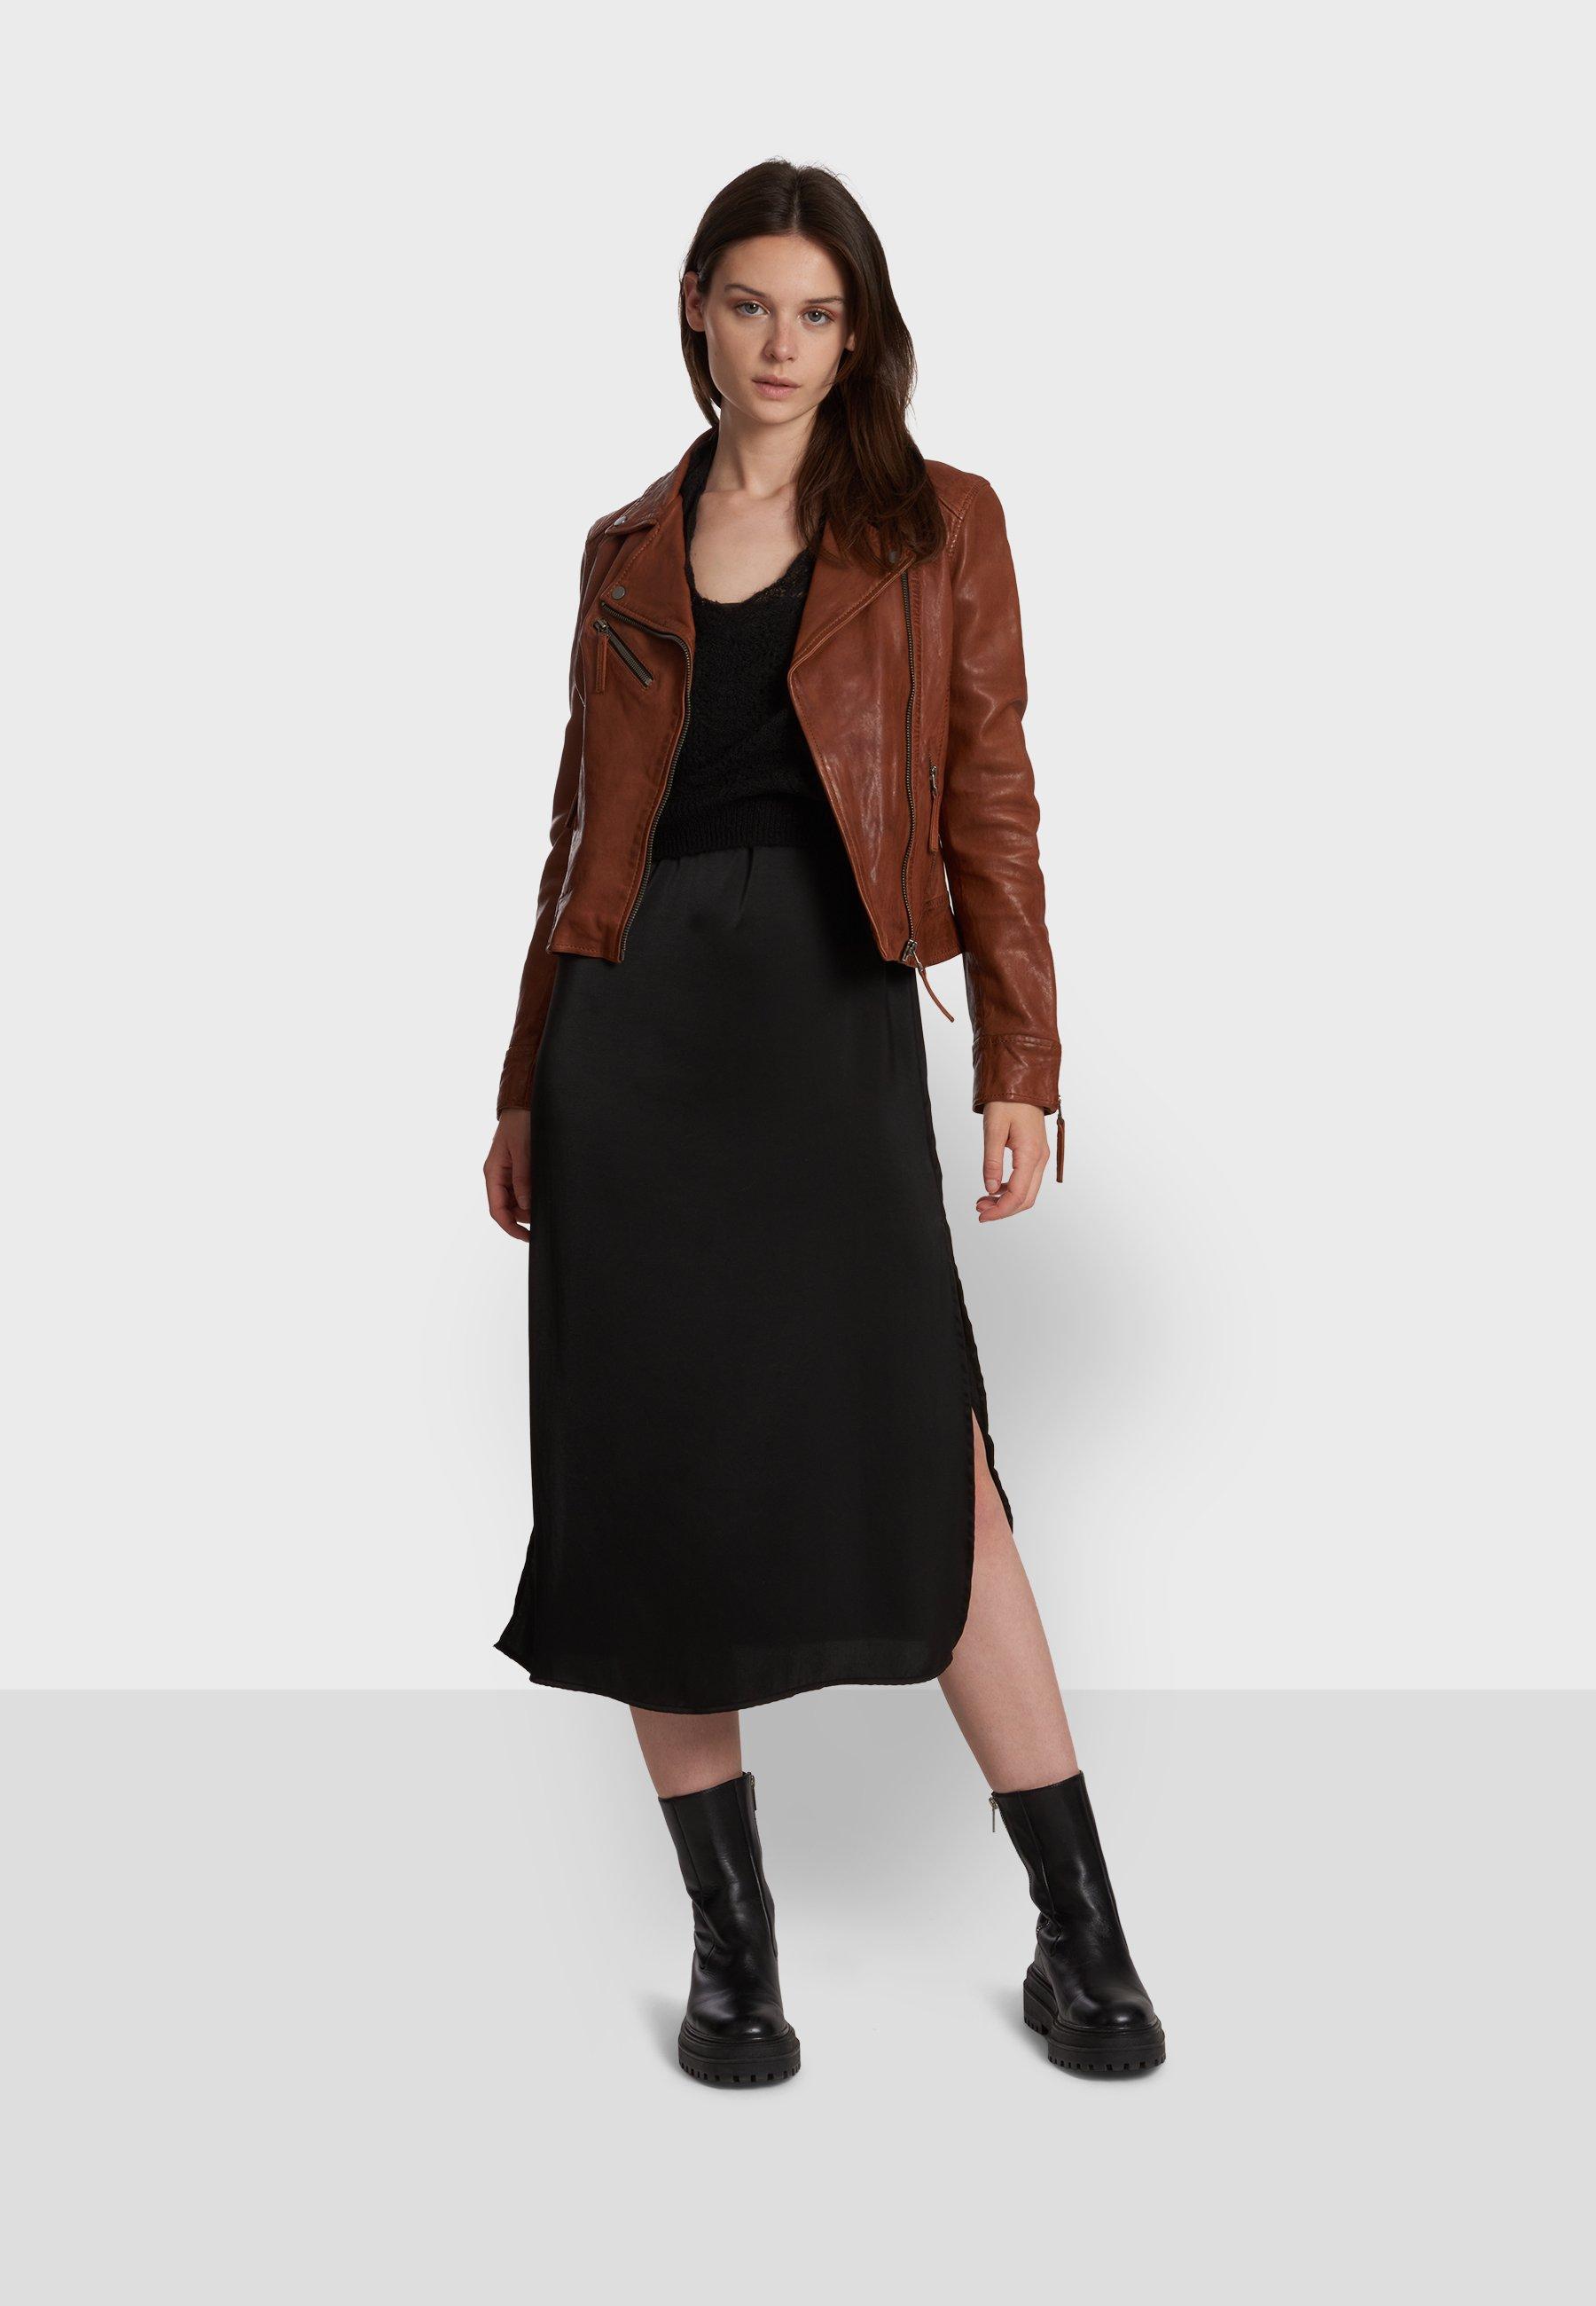 Femme SAMANTHA  - Veste en cuir